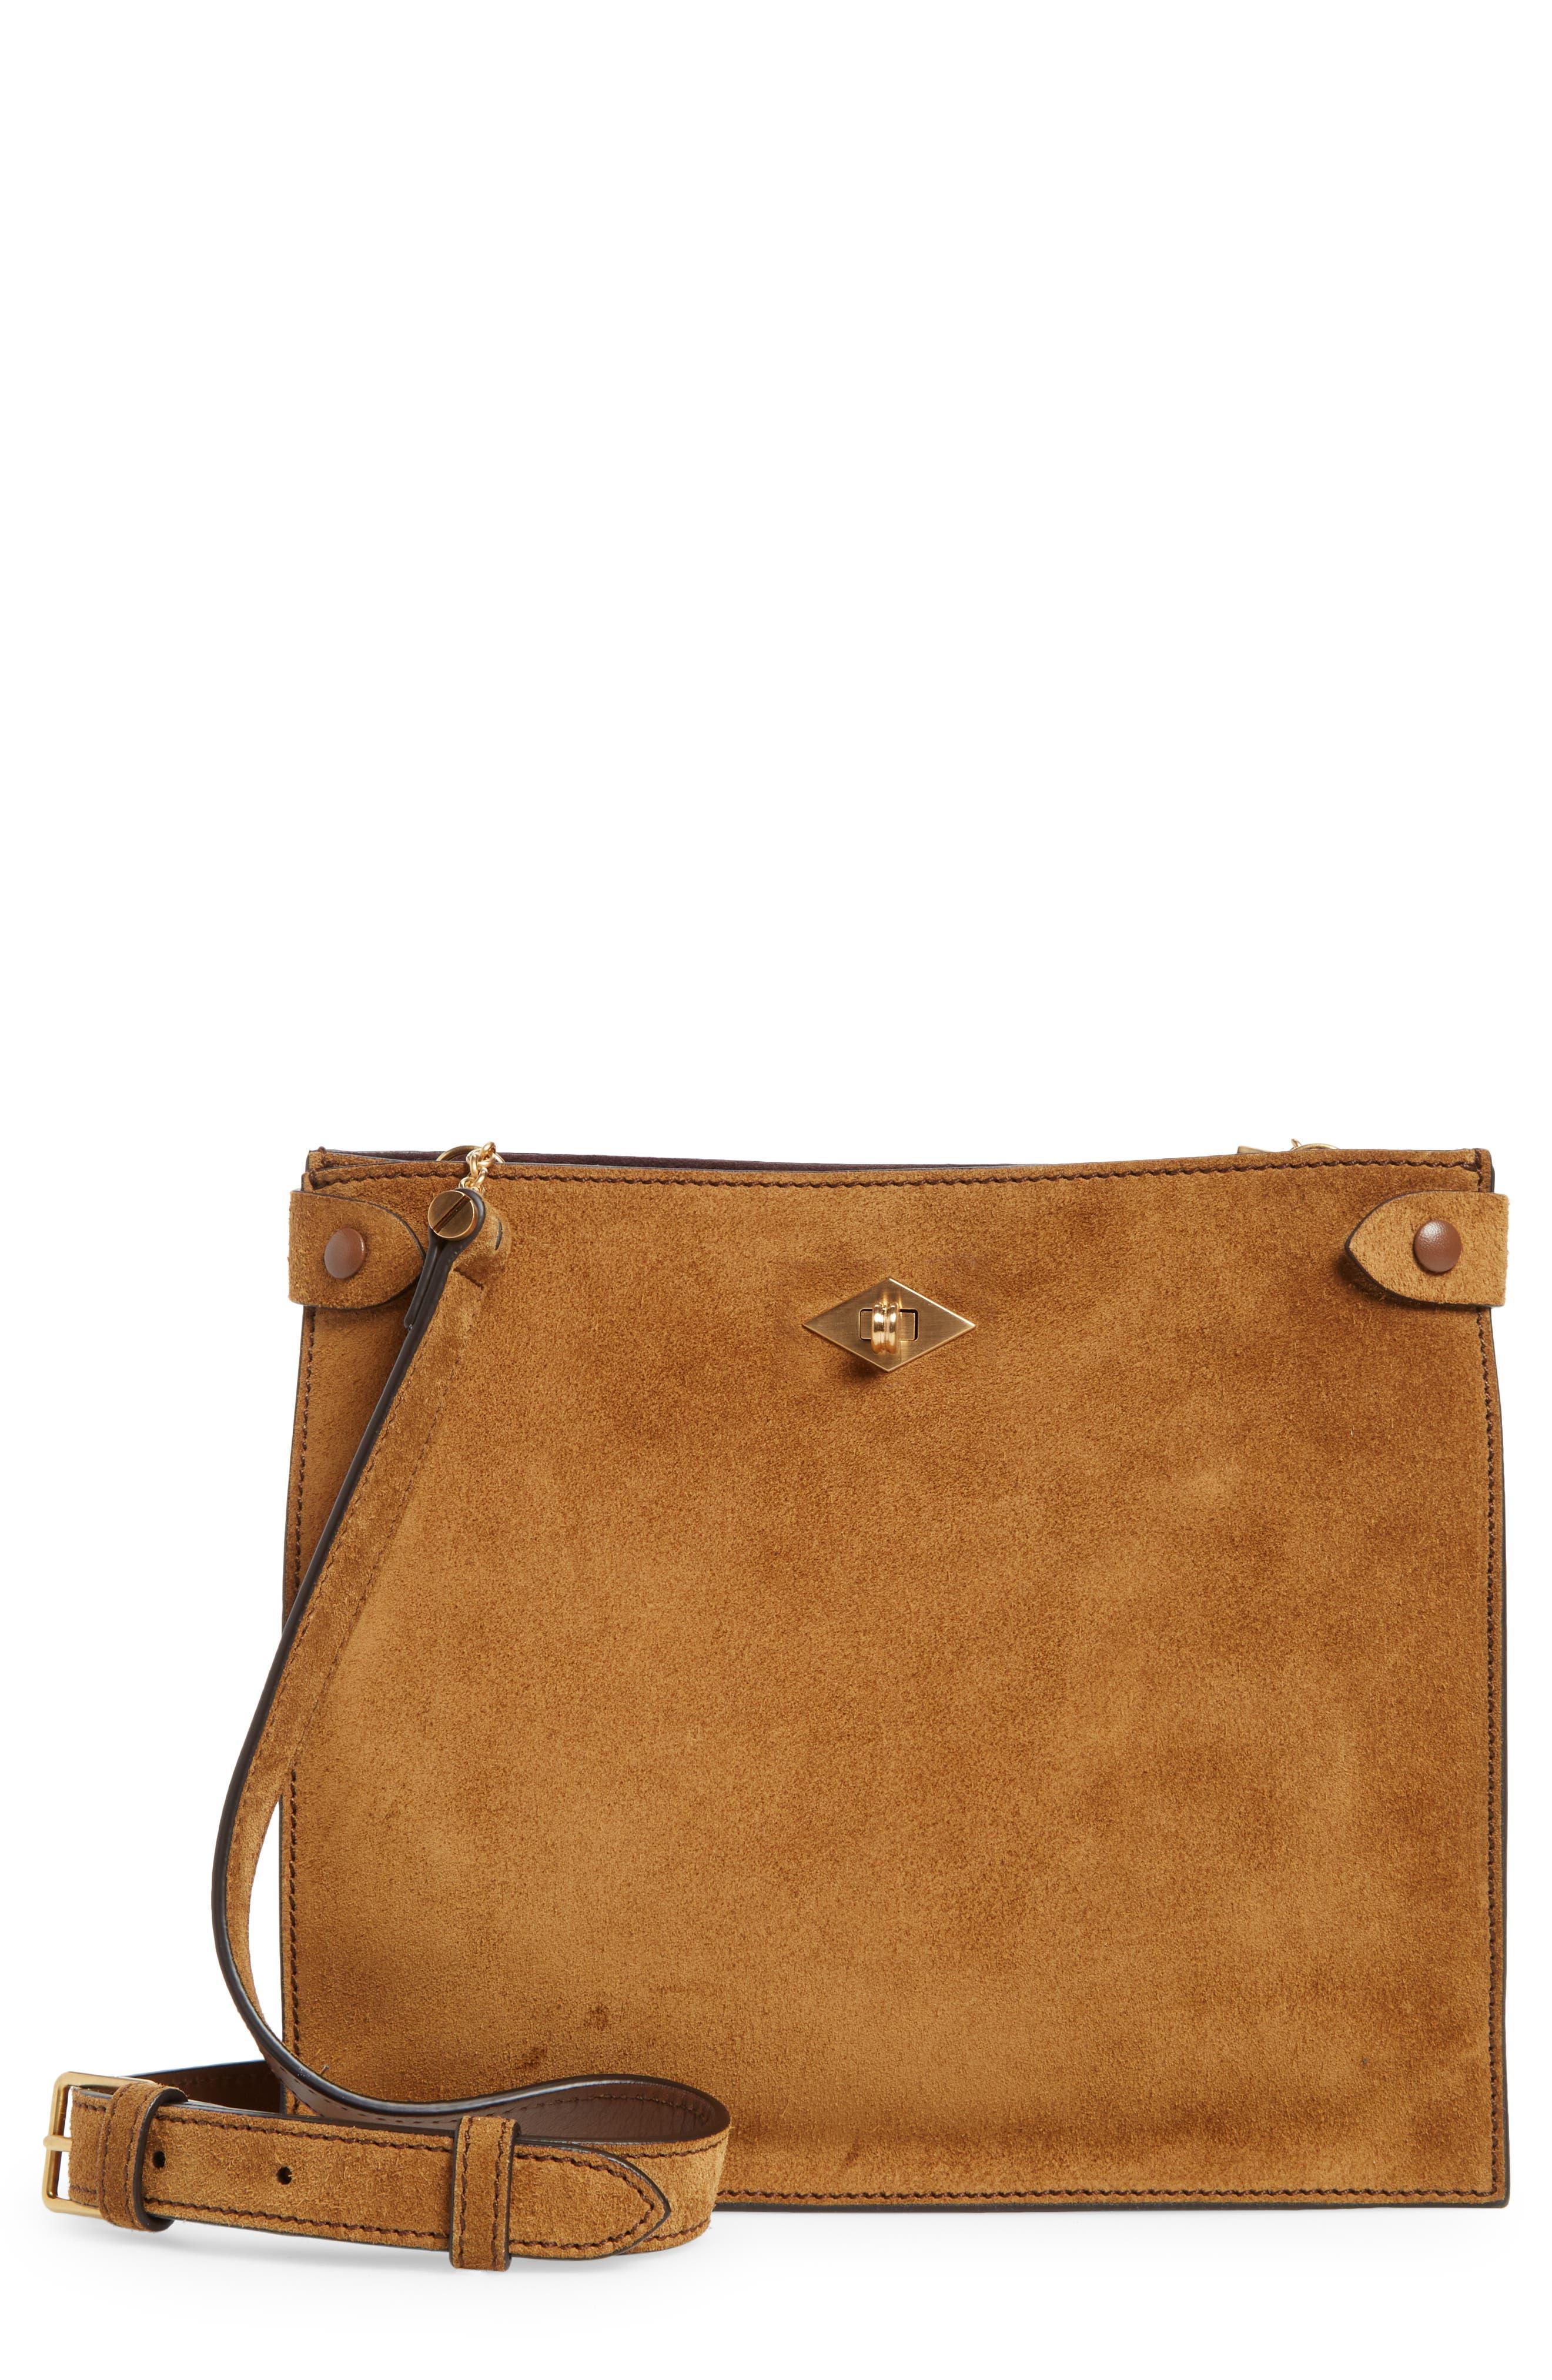 Stowaway Suede Crossbody Bag